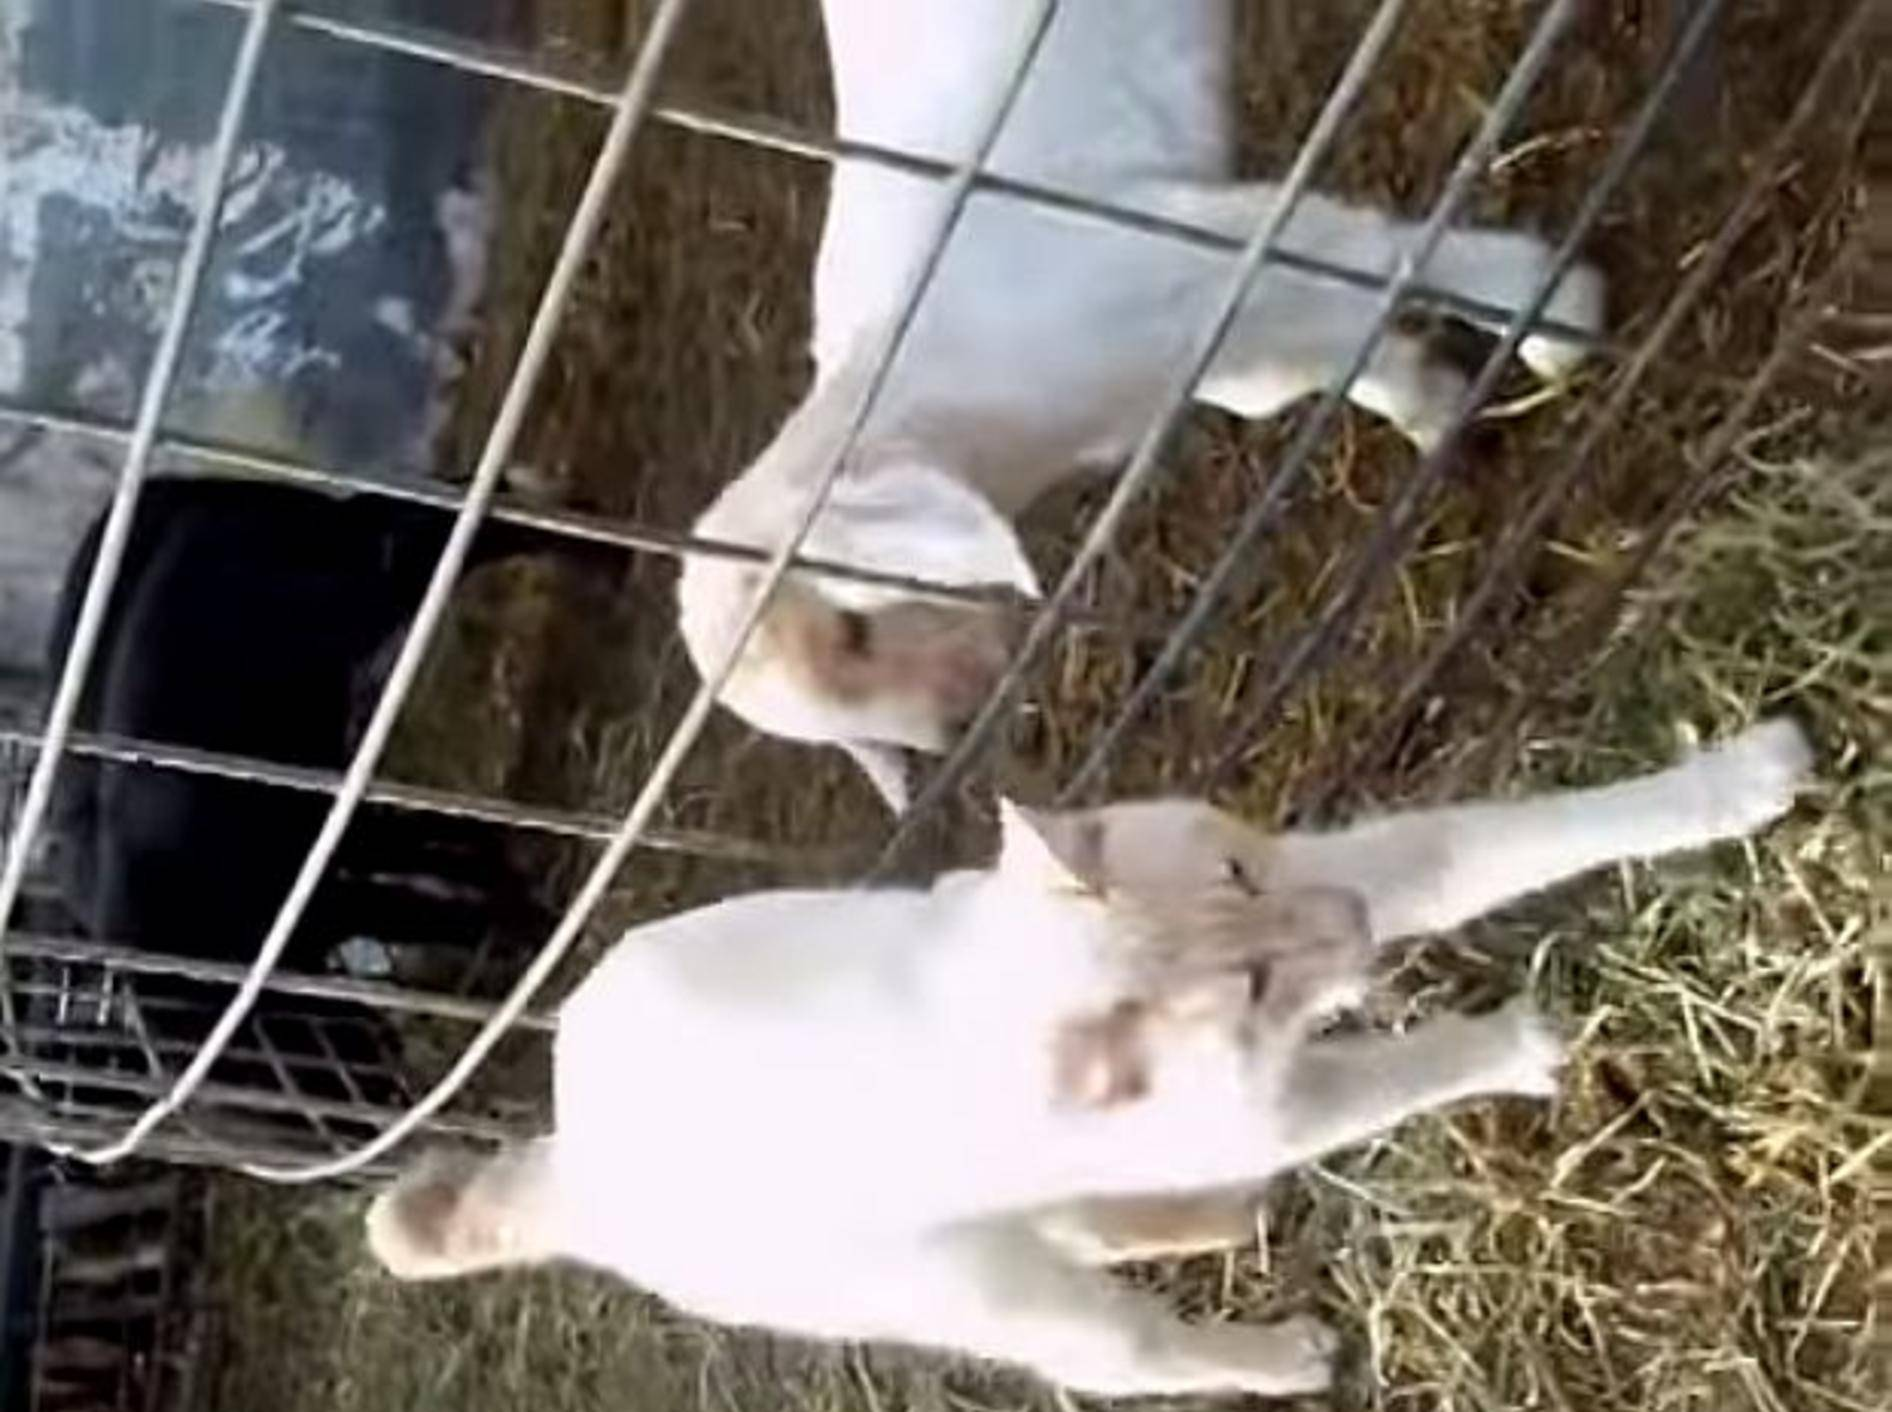 Verschmuste Katze möchte mit Zicklein spielen – Bild: Youtube / pollywog1144